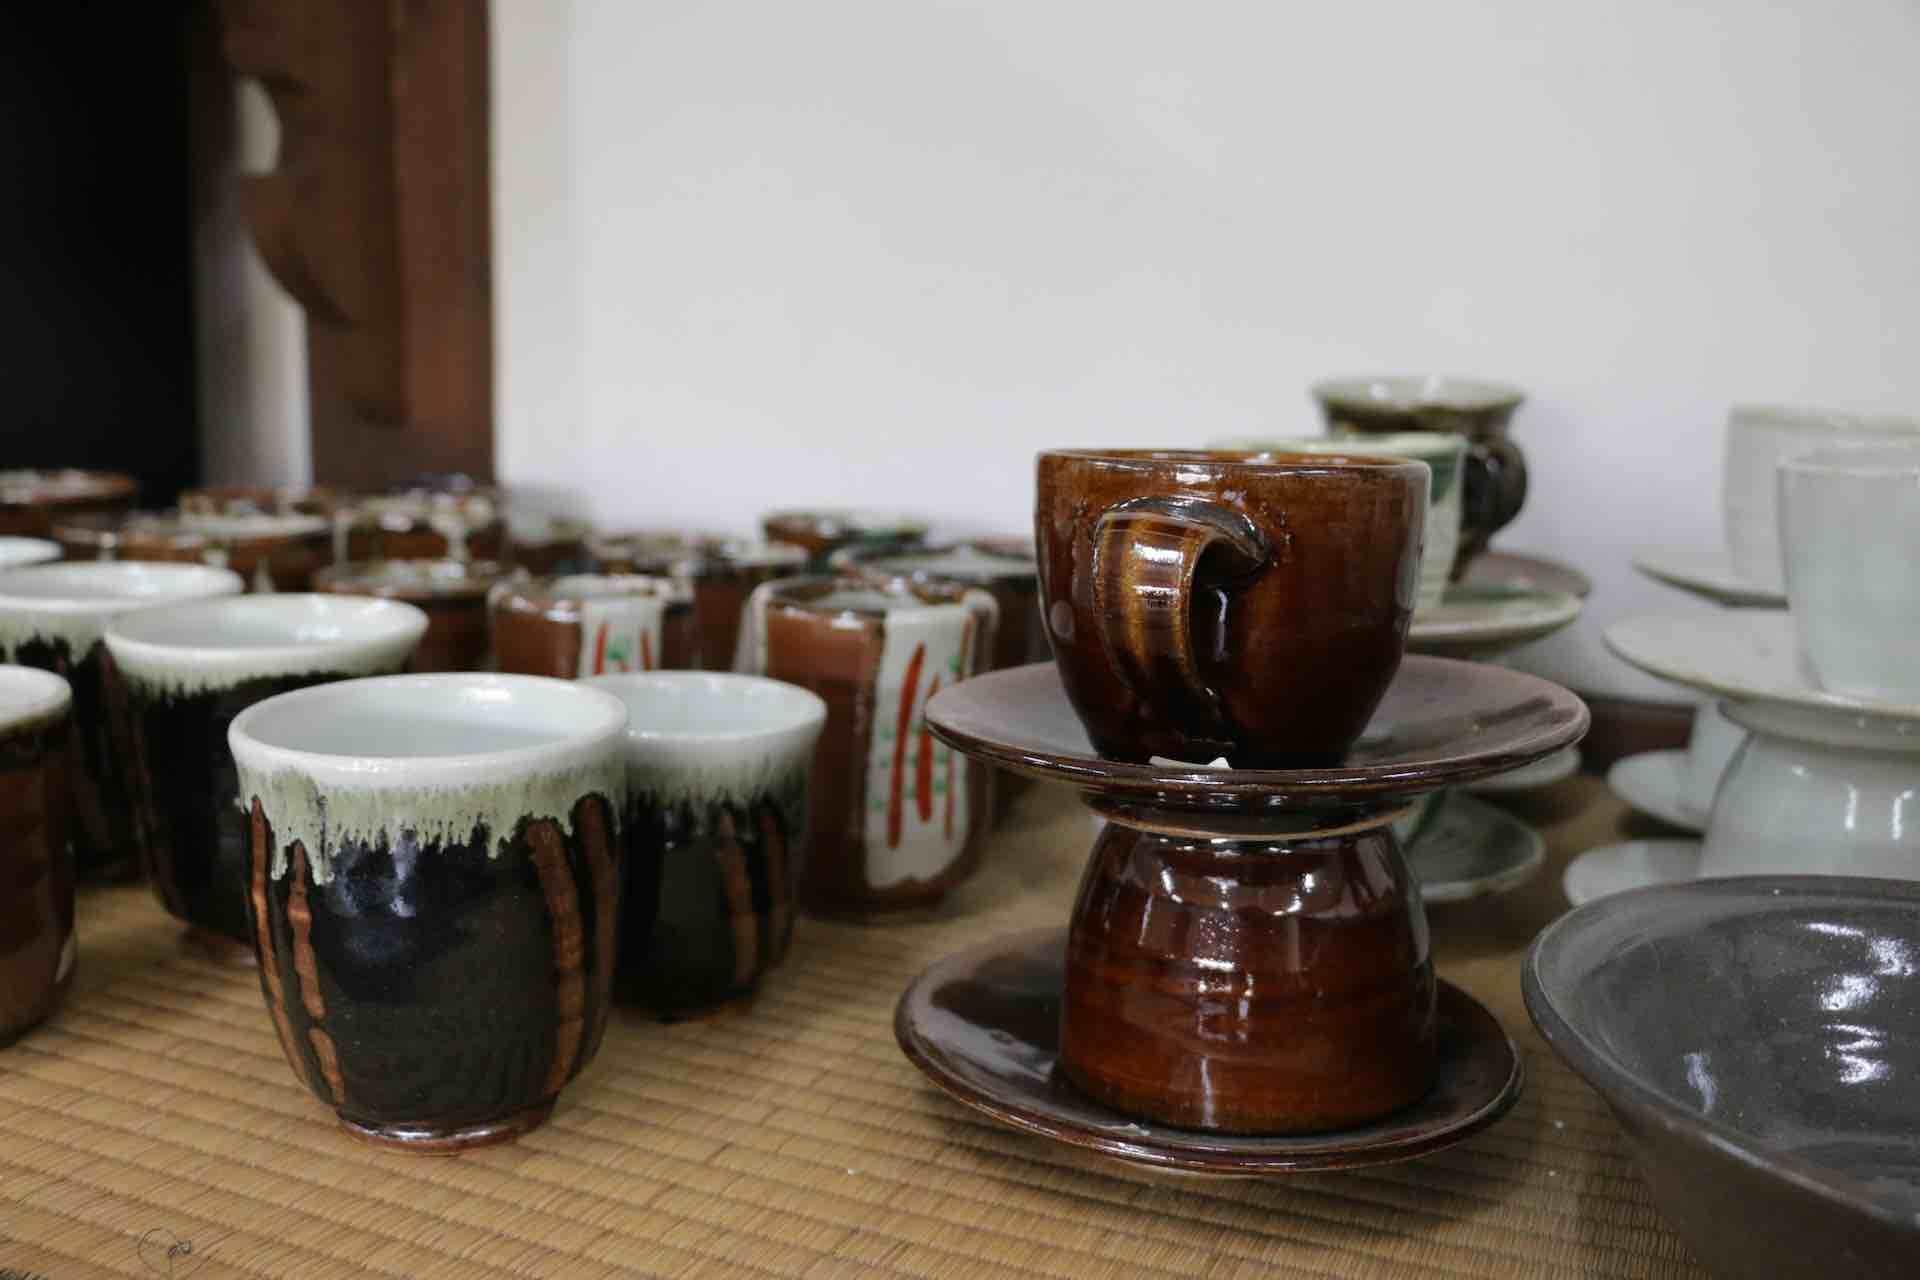 同じ種類の器をぎゅっと集めて並べるのは、益子の窯元直売店の定番だそう